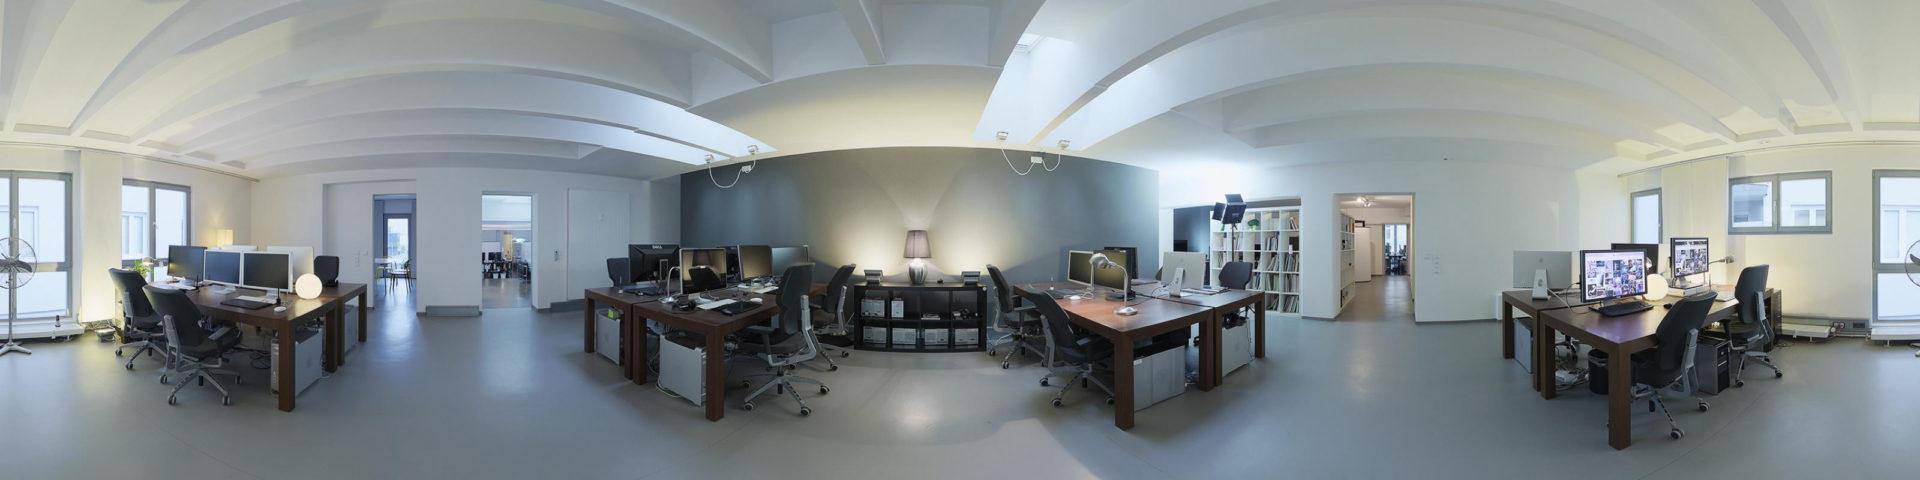 Aixsponza-Studio in München